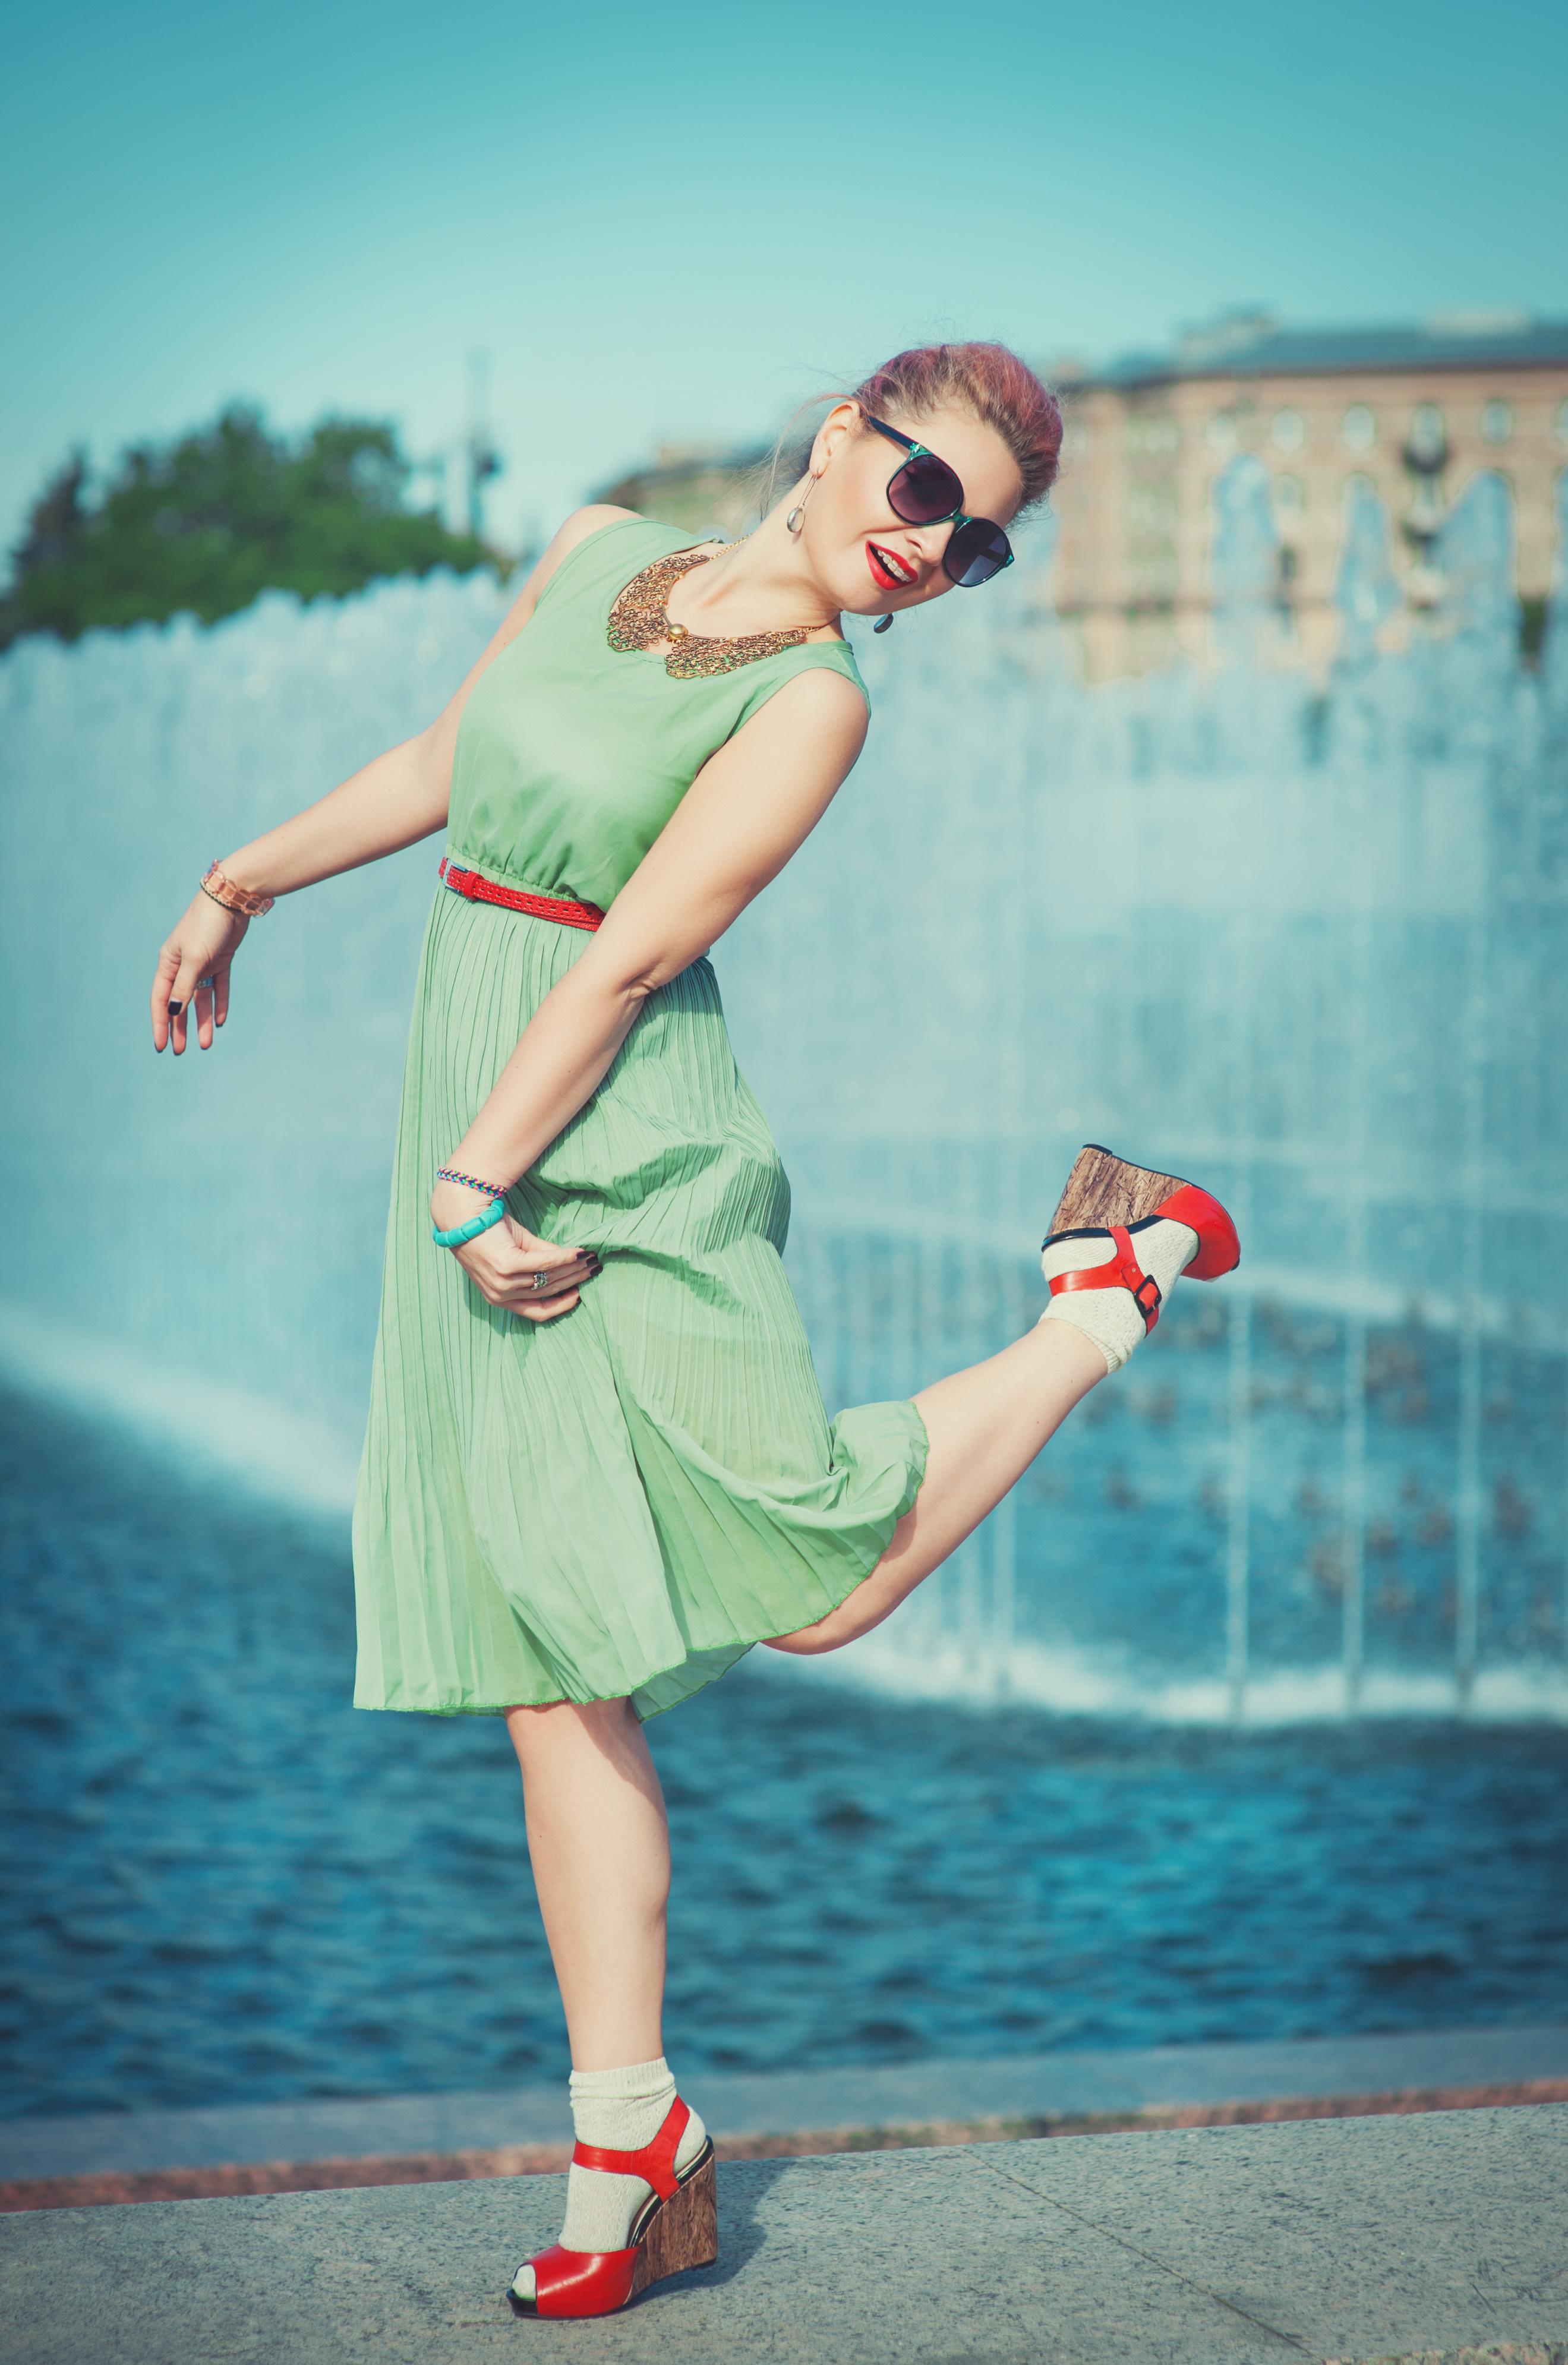 derfor en byViola kjole